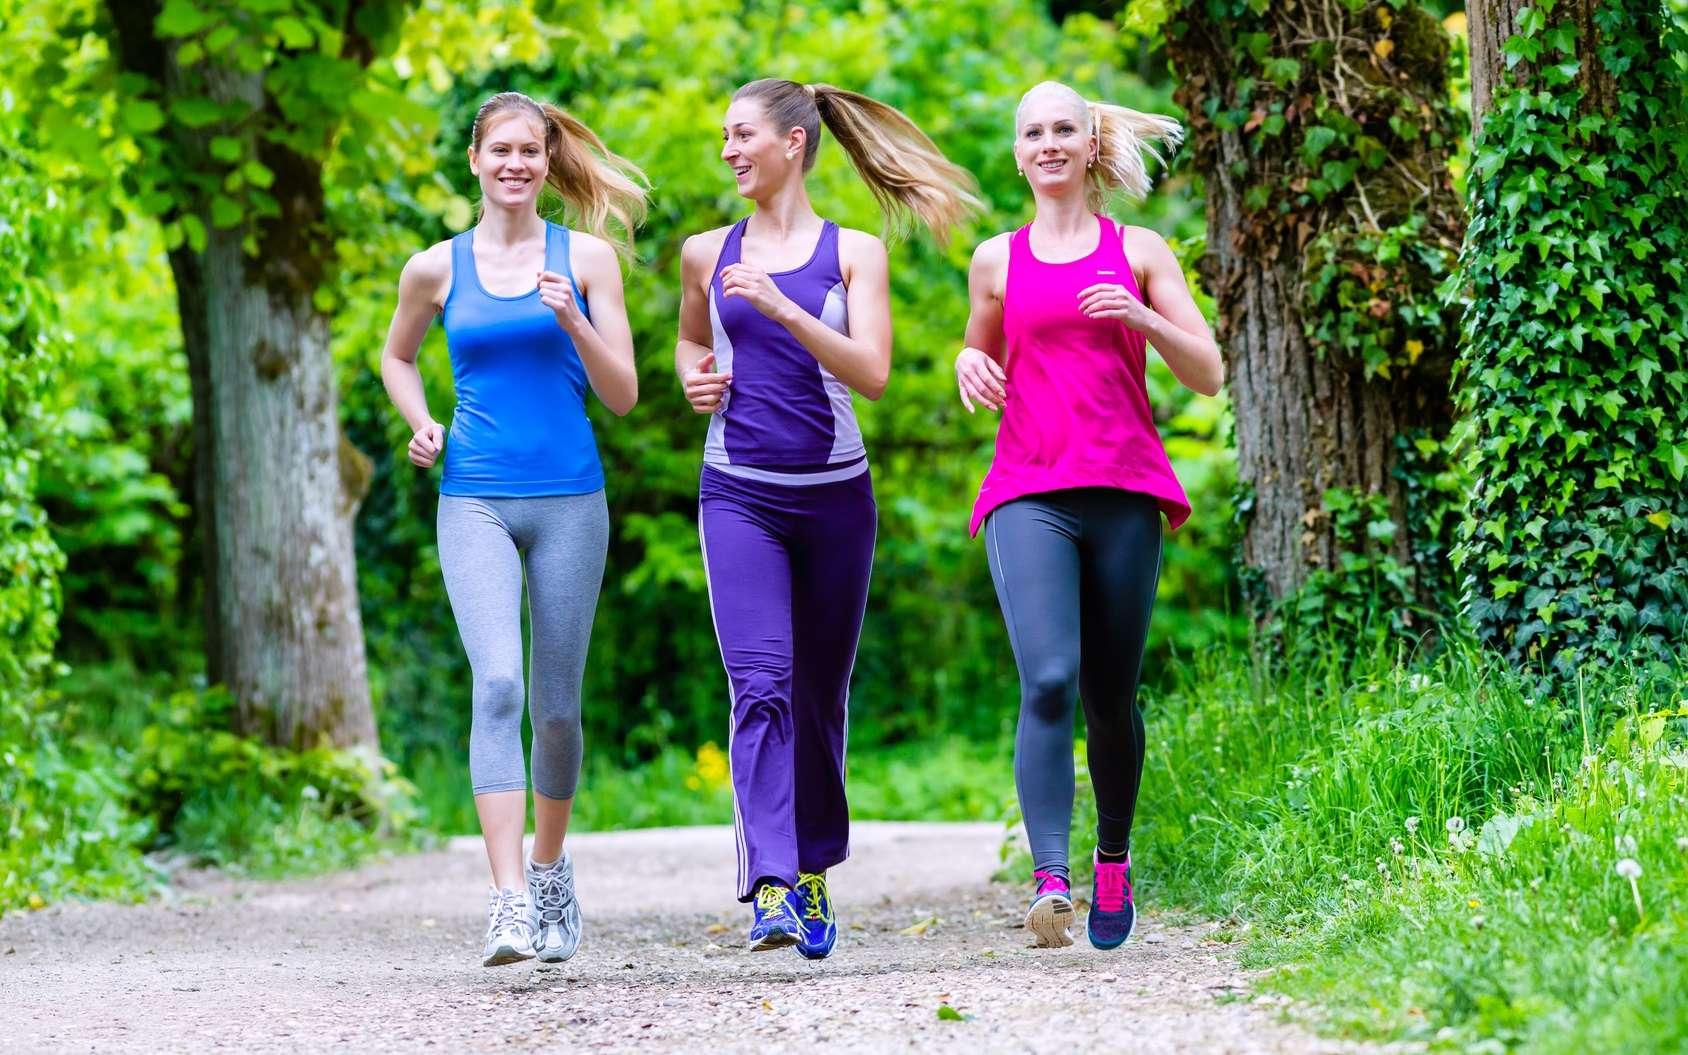 La course à pied serait l'un des sports les plus efficaces pour vivre plus longtemps. © Kzenon, Fotolia